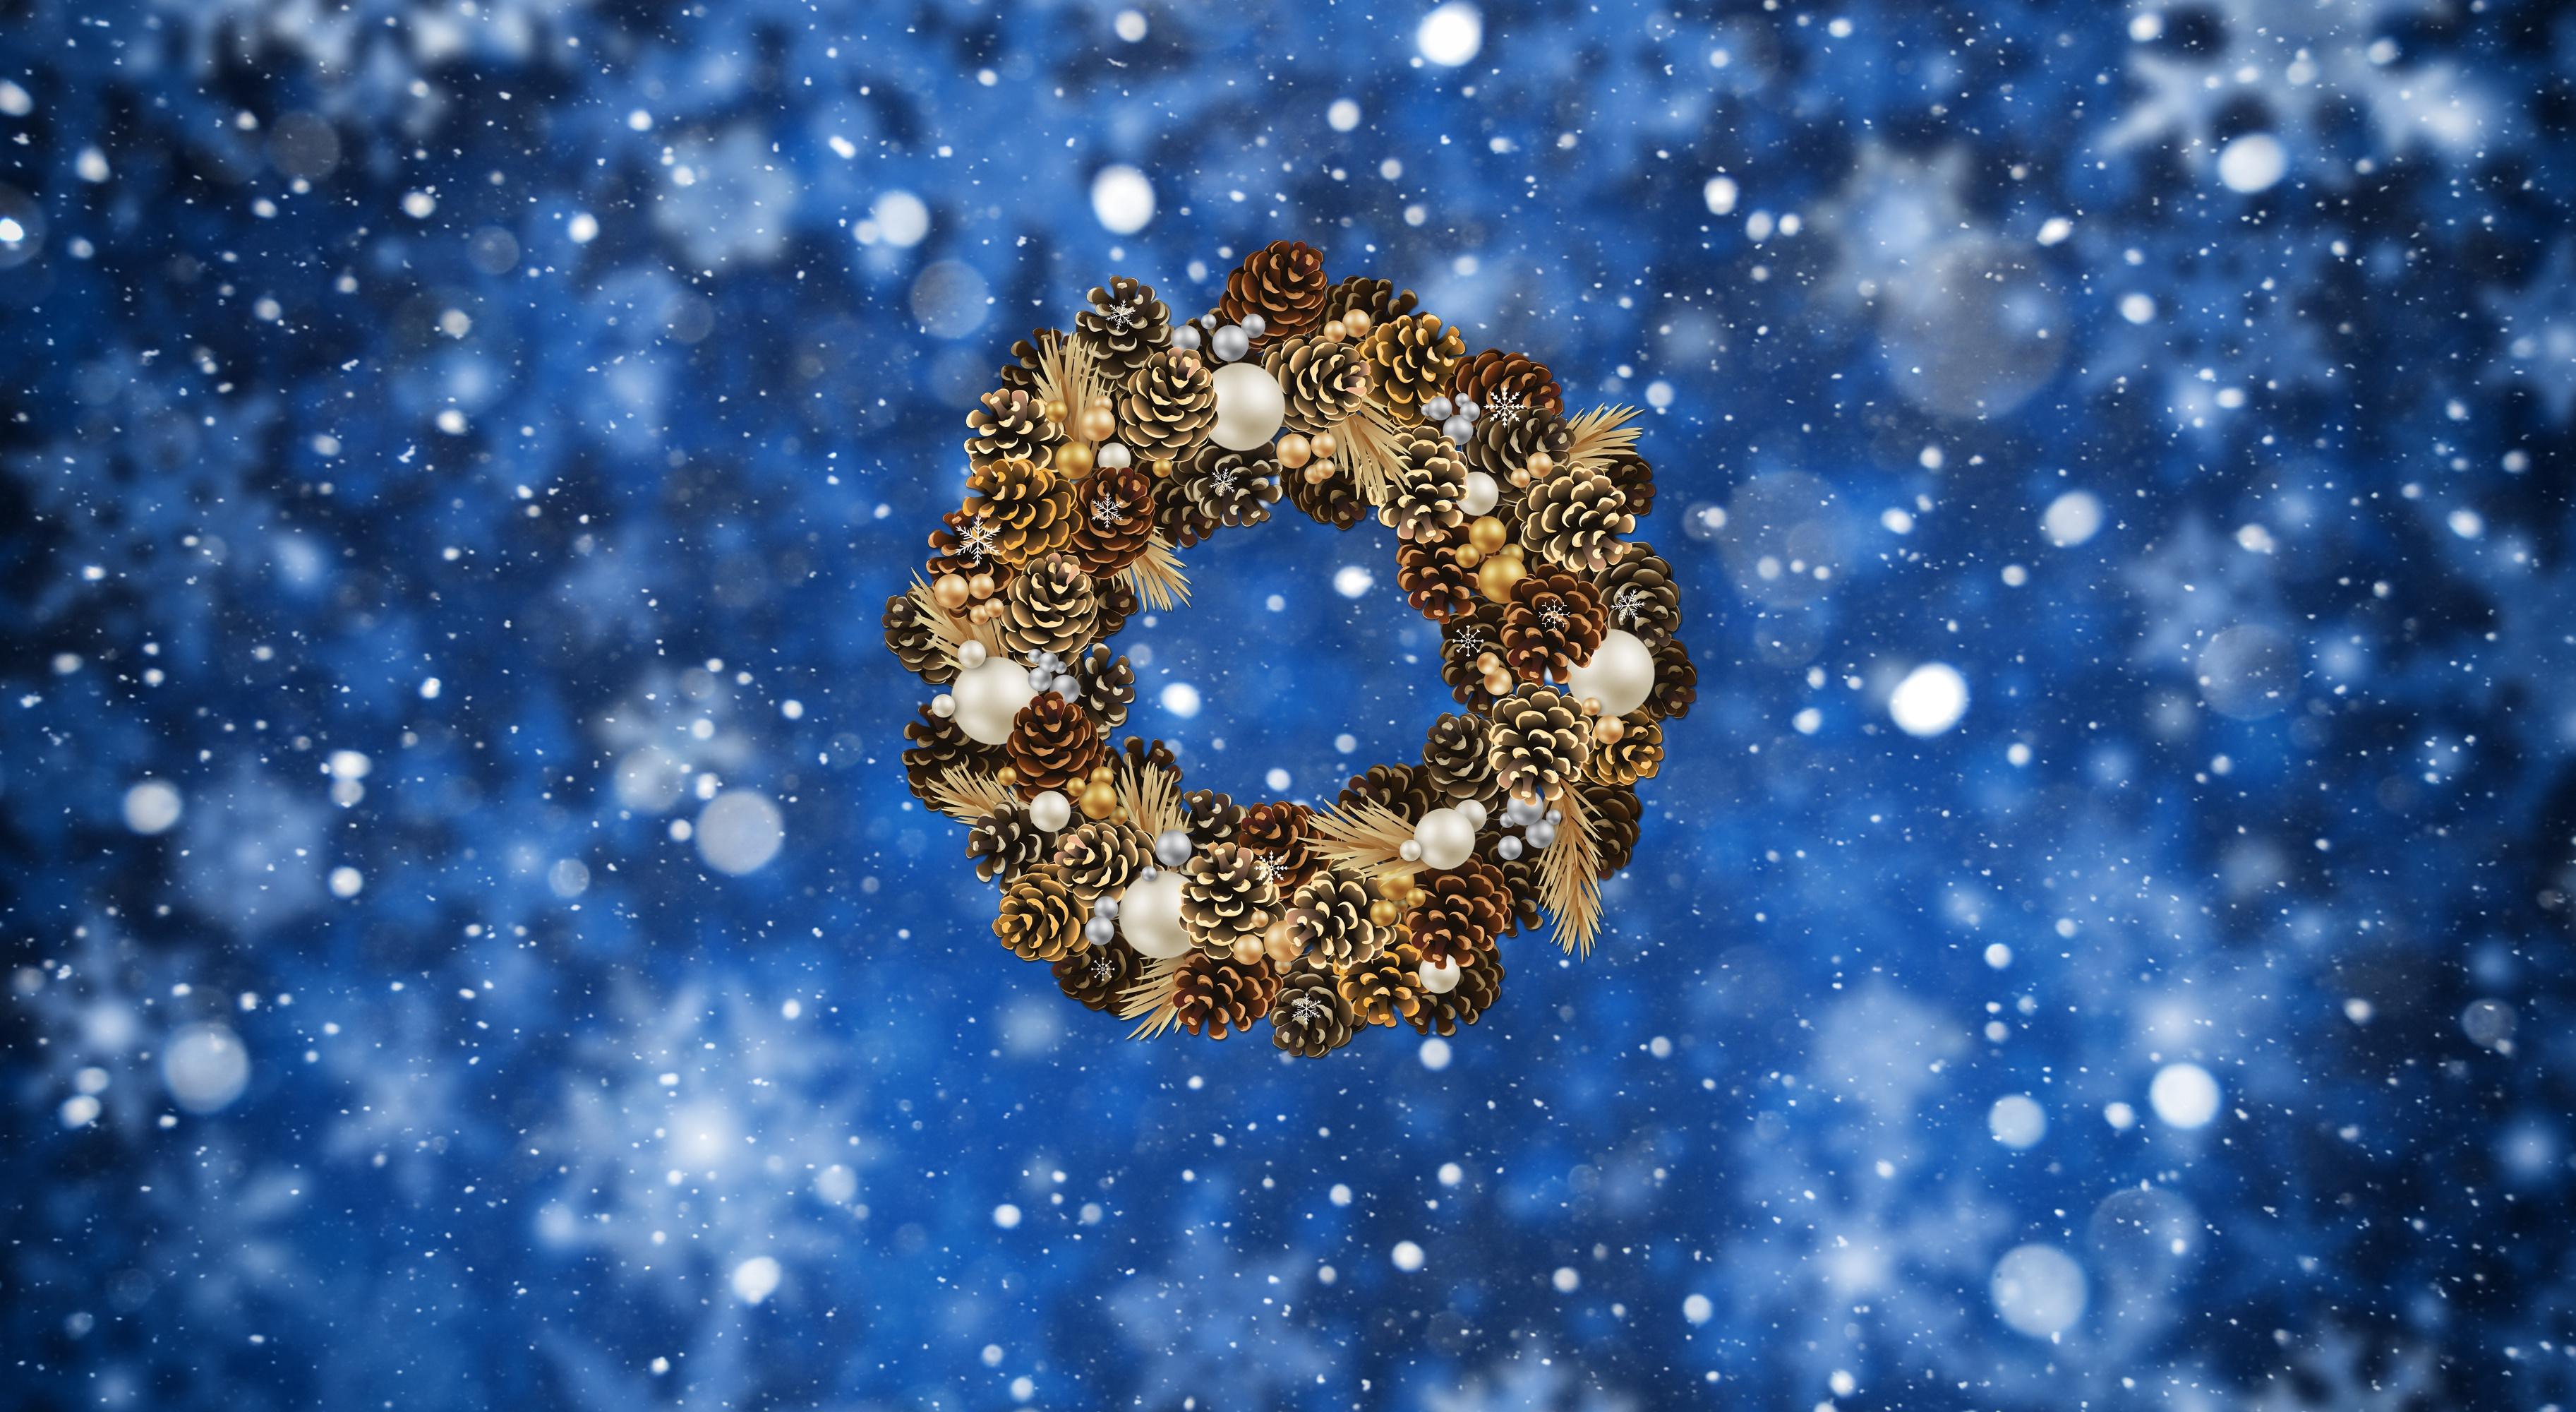 рождество,снежинки,снег,пингвиненок  № 442206 загрузить